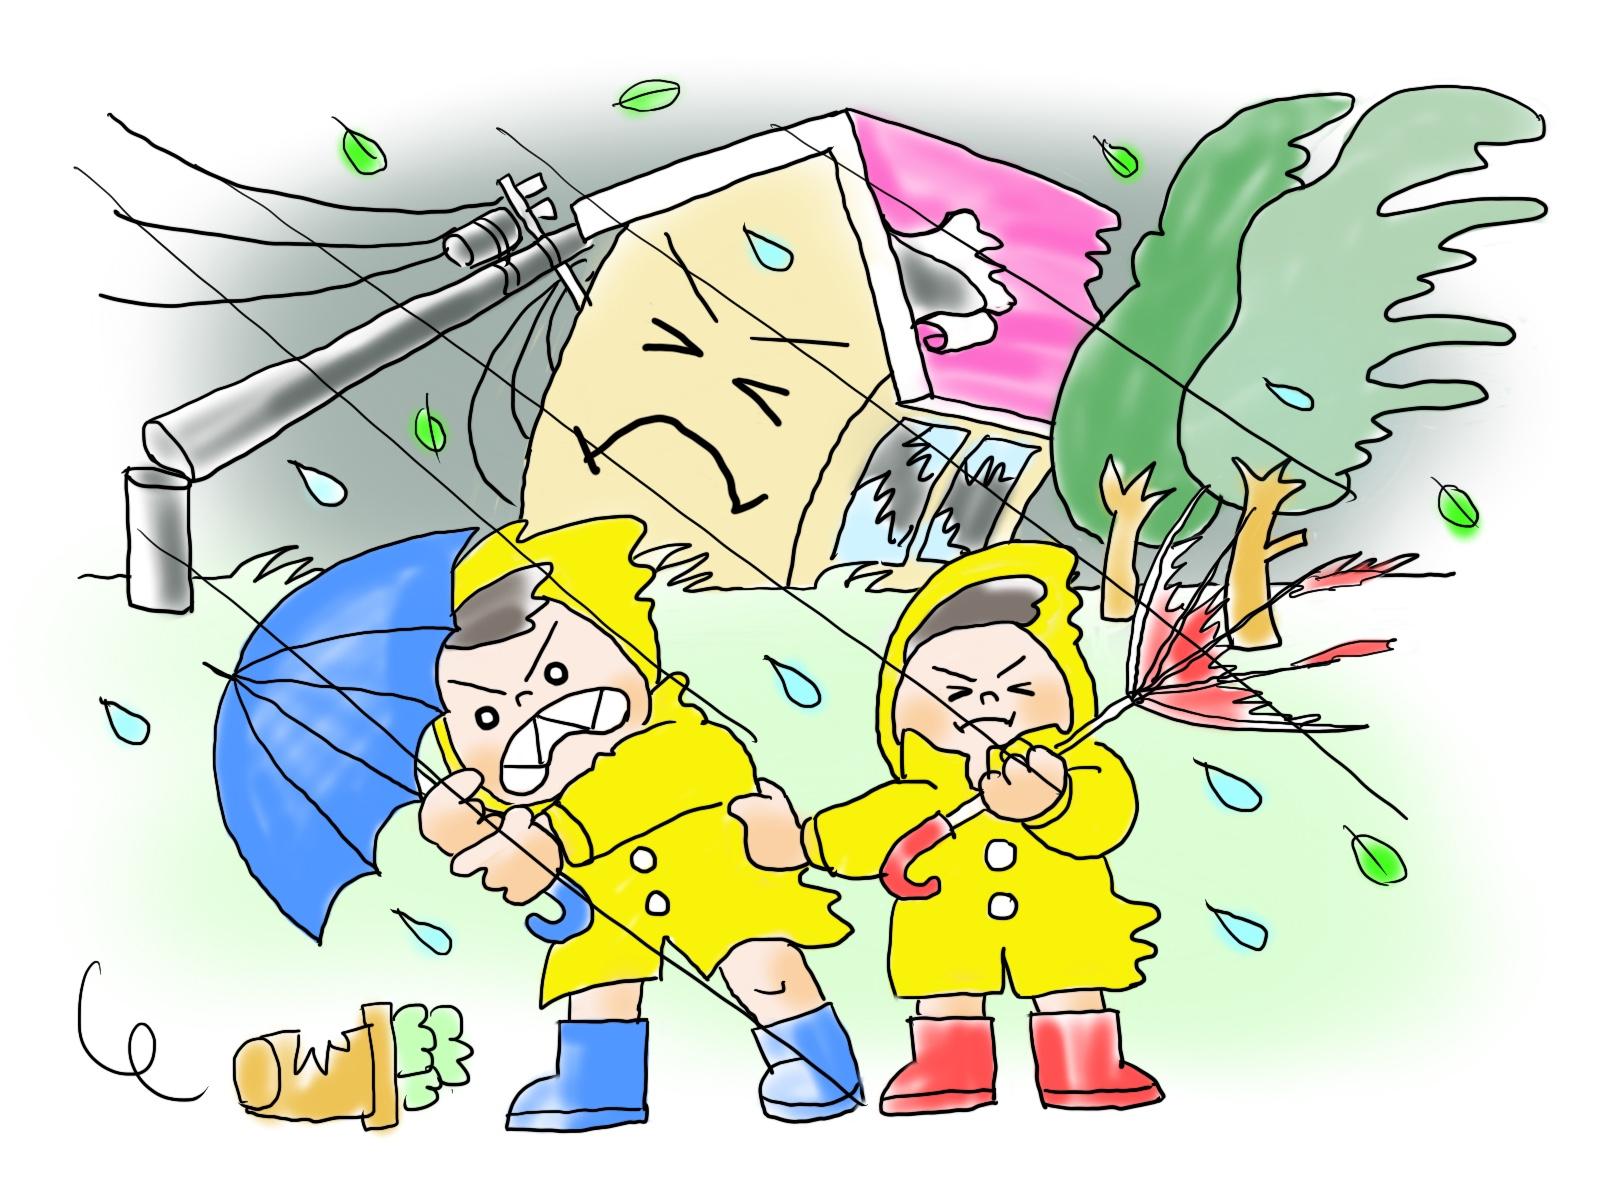 台風など雨風が強いときに窓を守るシャッターの必要性。